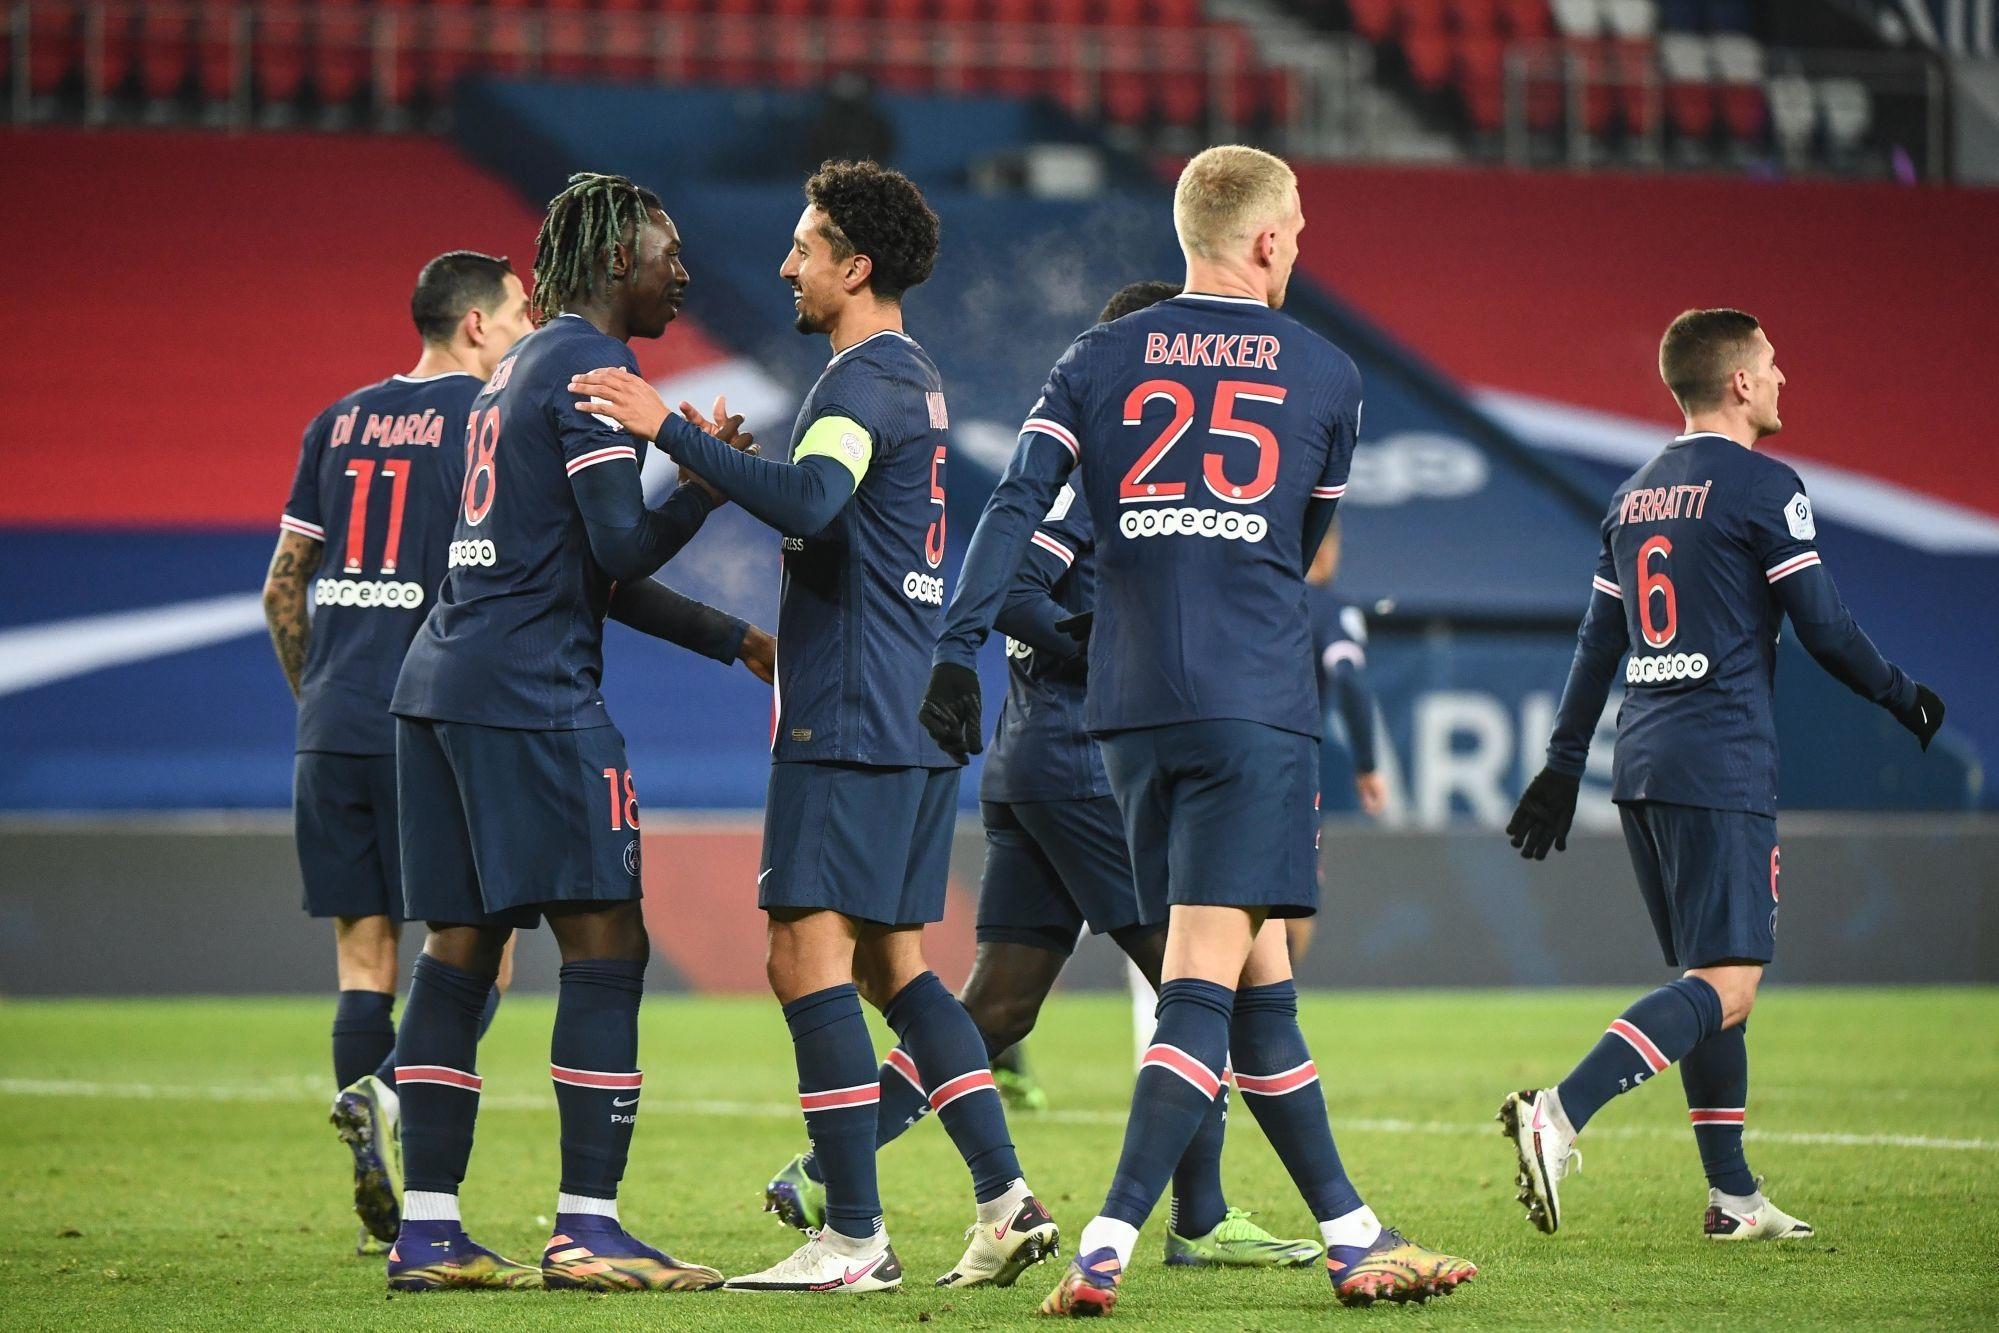 PSG/Brest - Les notes des Parisiens pour la première victoire de Pochettino